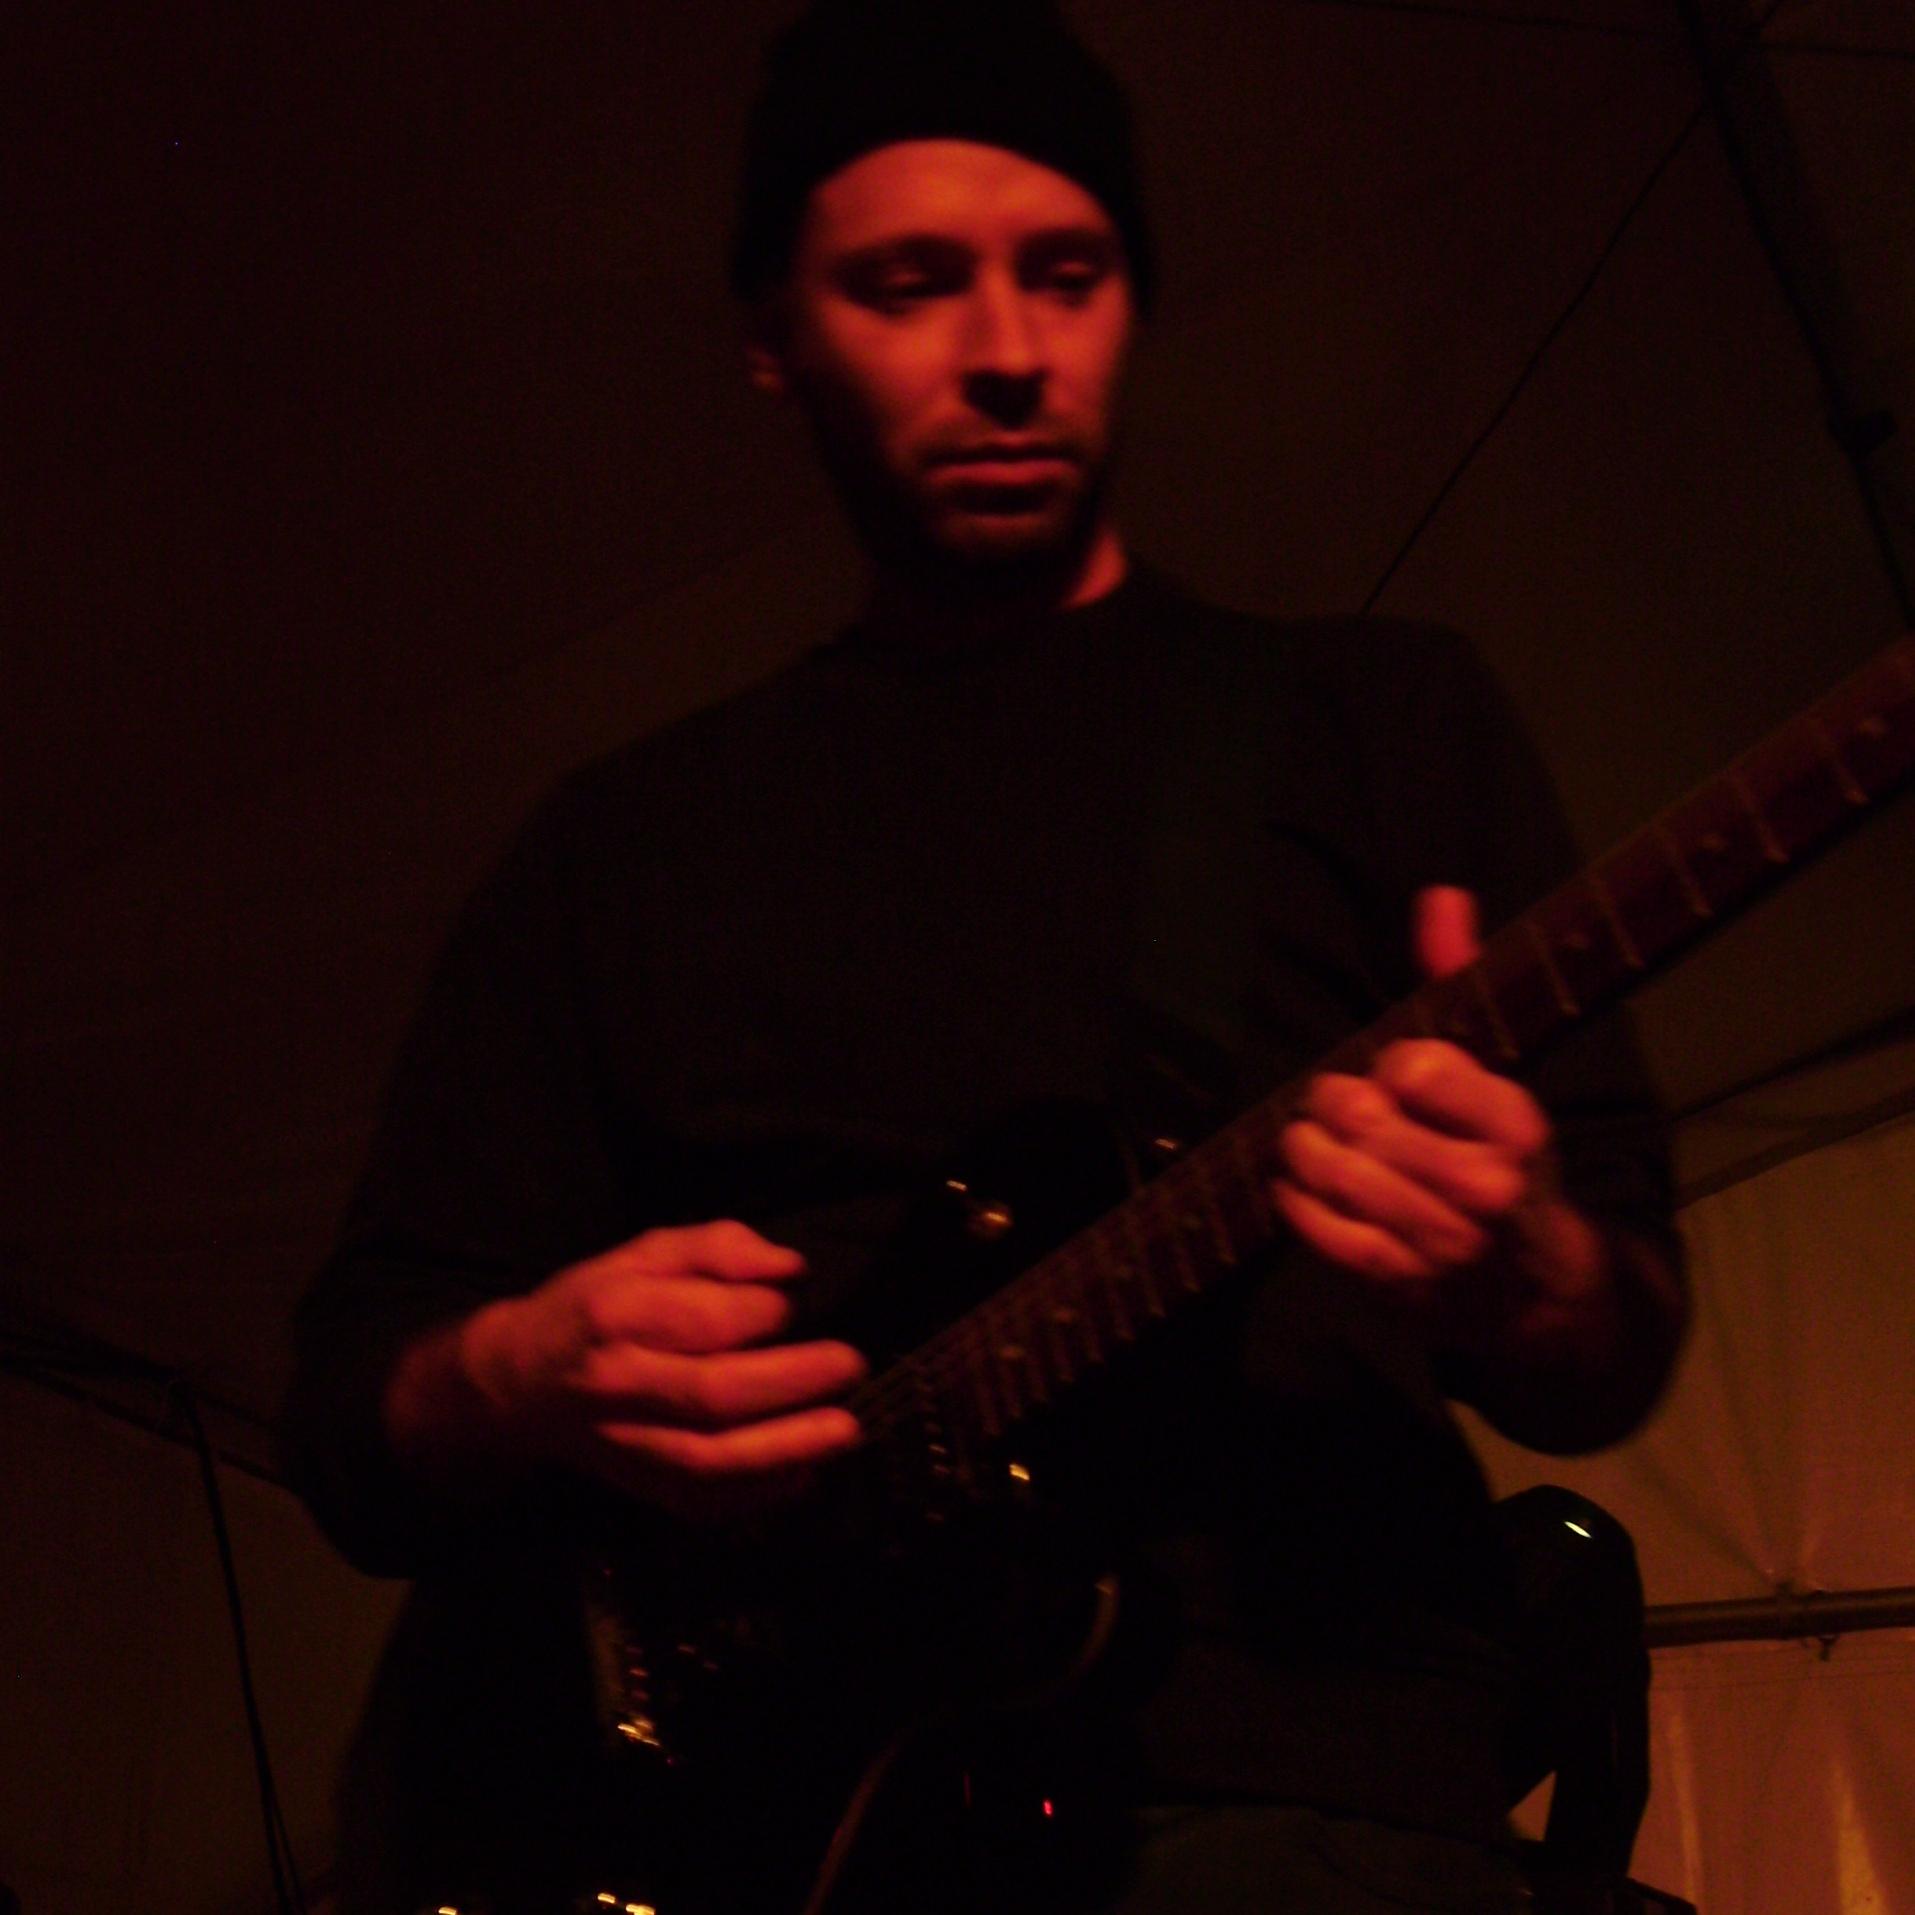 Filip Džodan (Jodan)